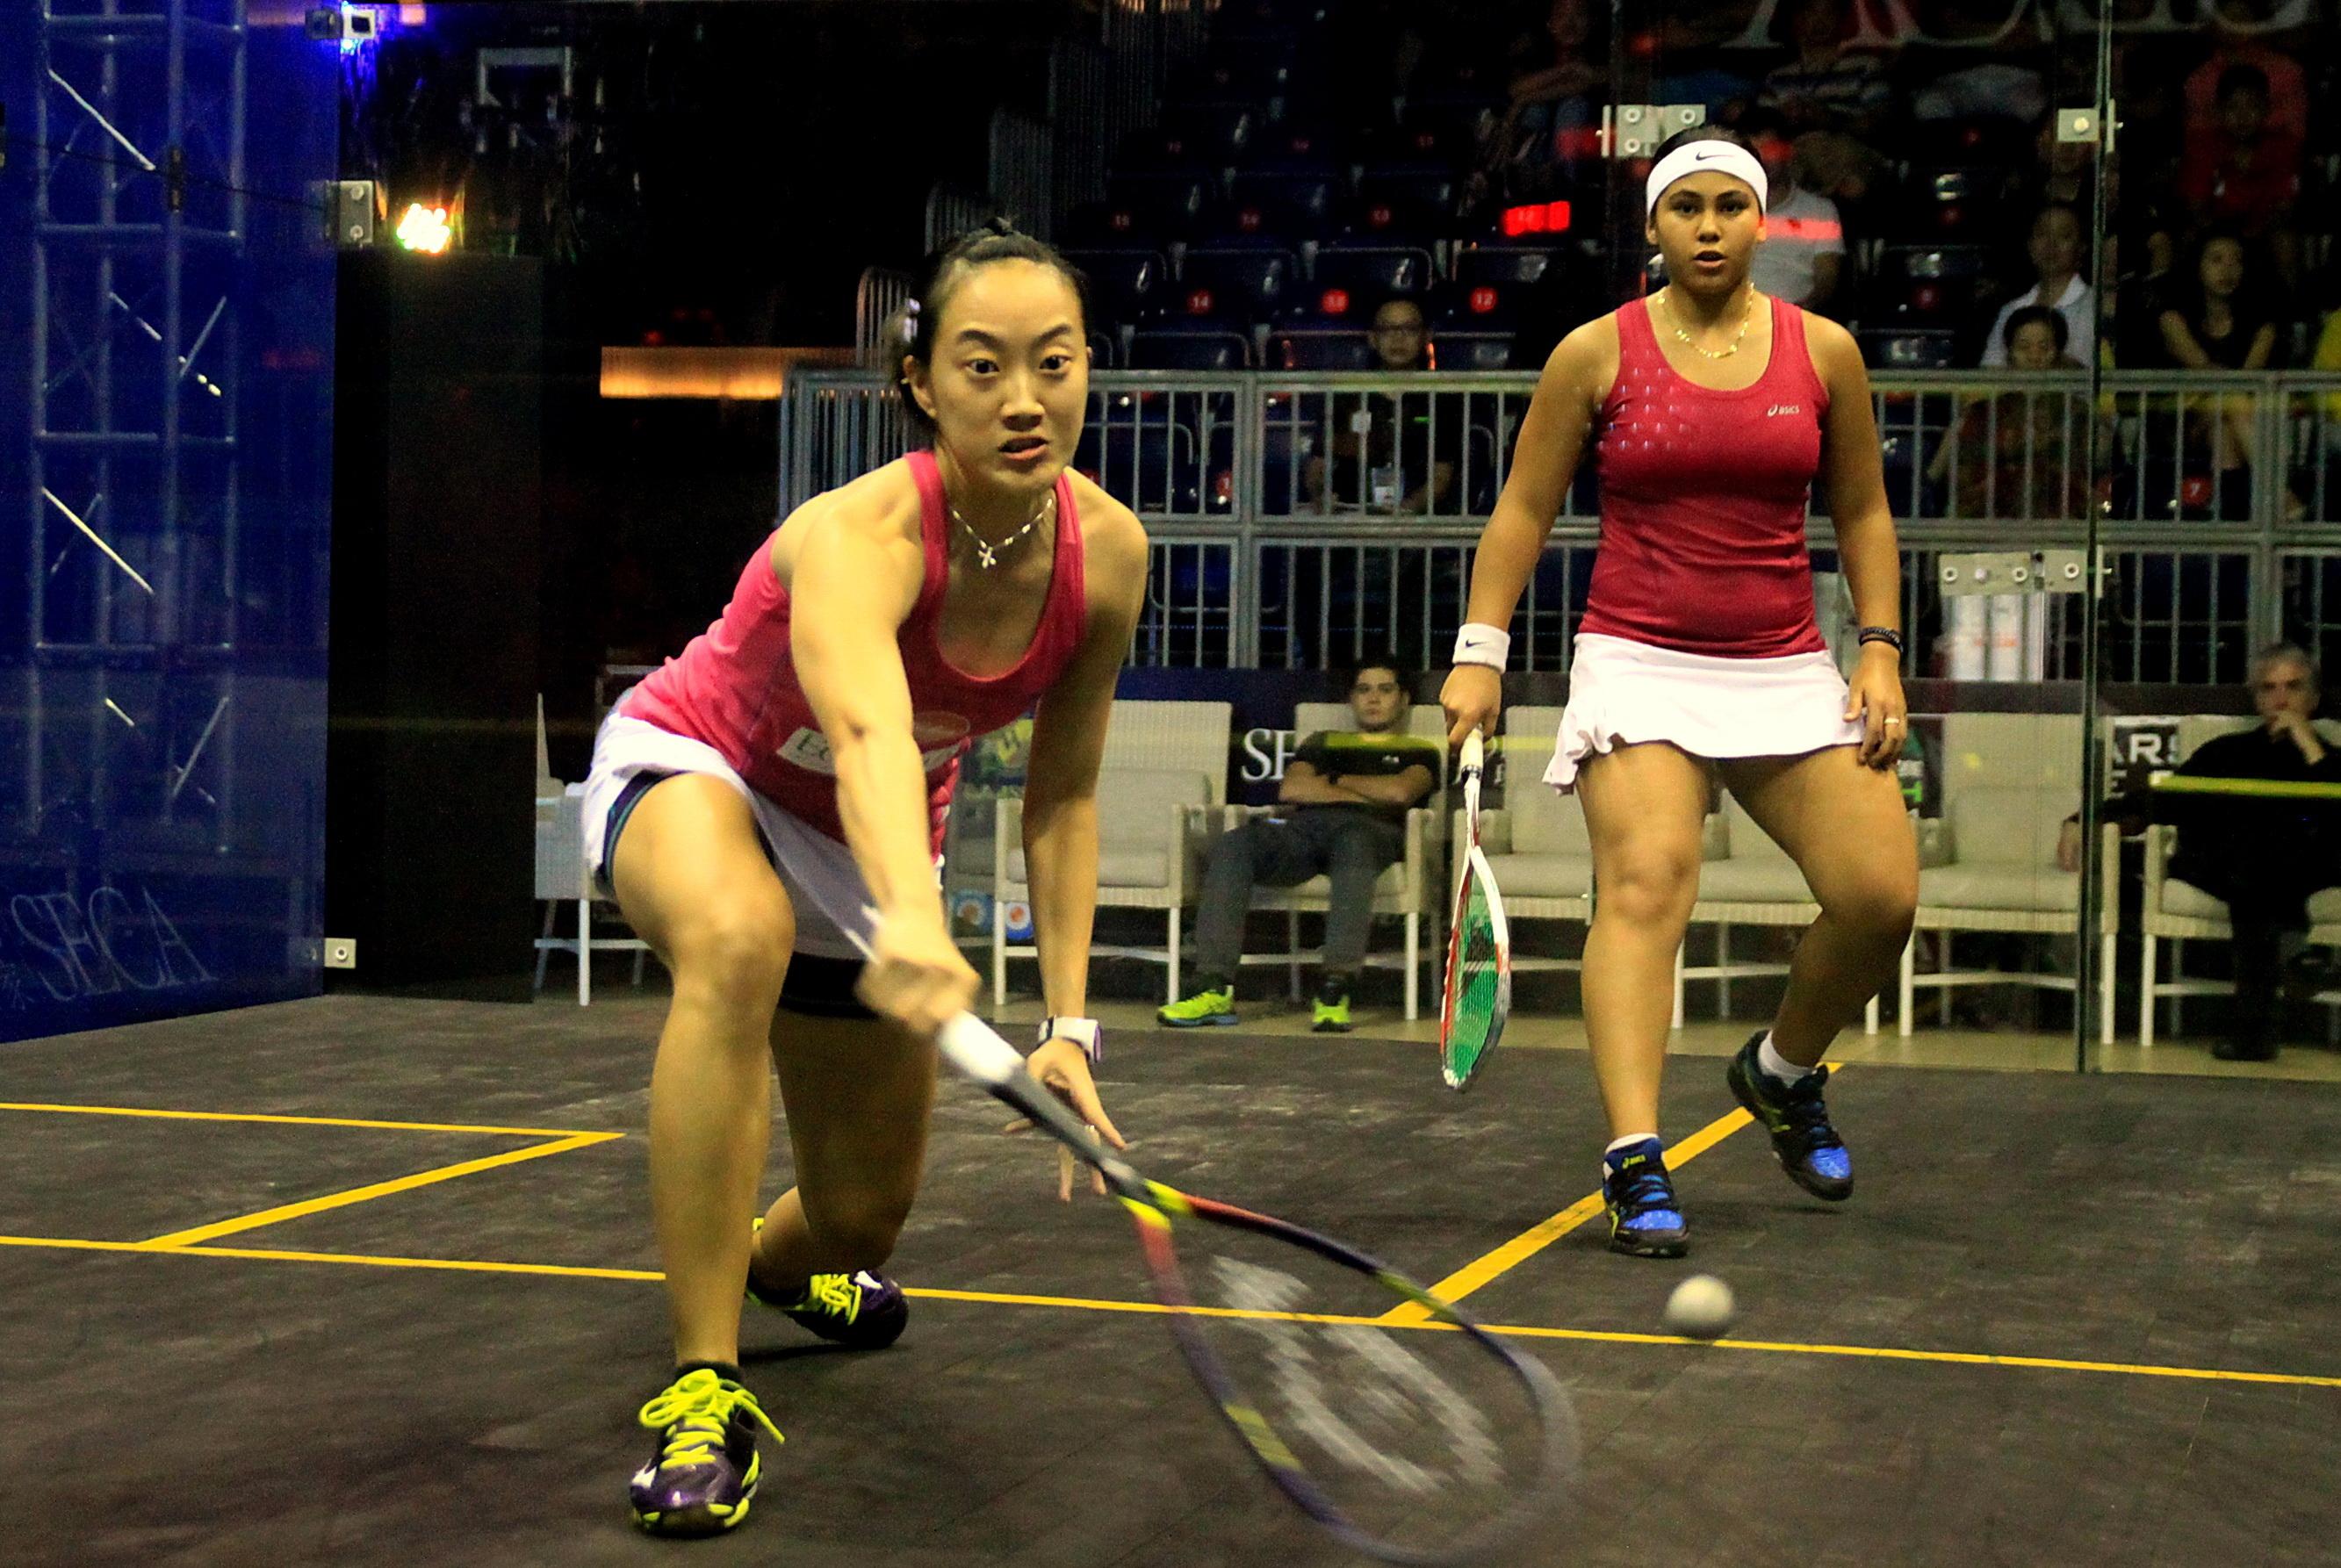 2014中国壁球公开赛半决赛 女子组比赛精彩激烈